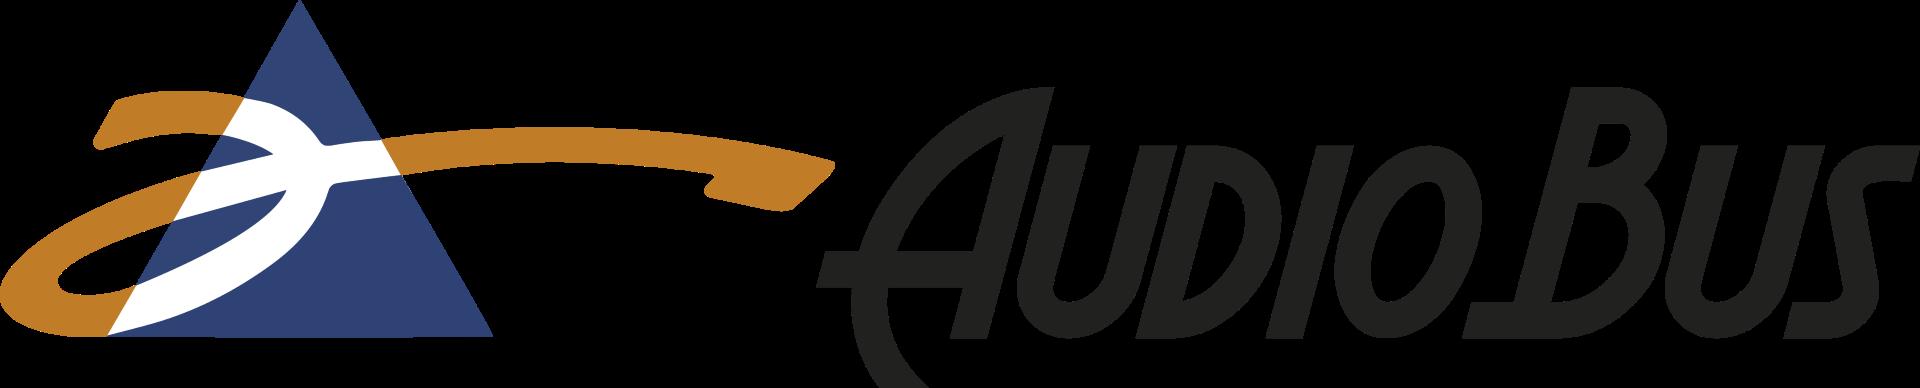 Audiobus S.L.